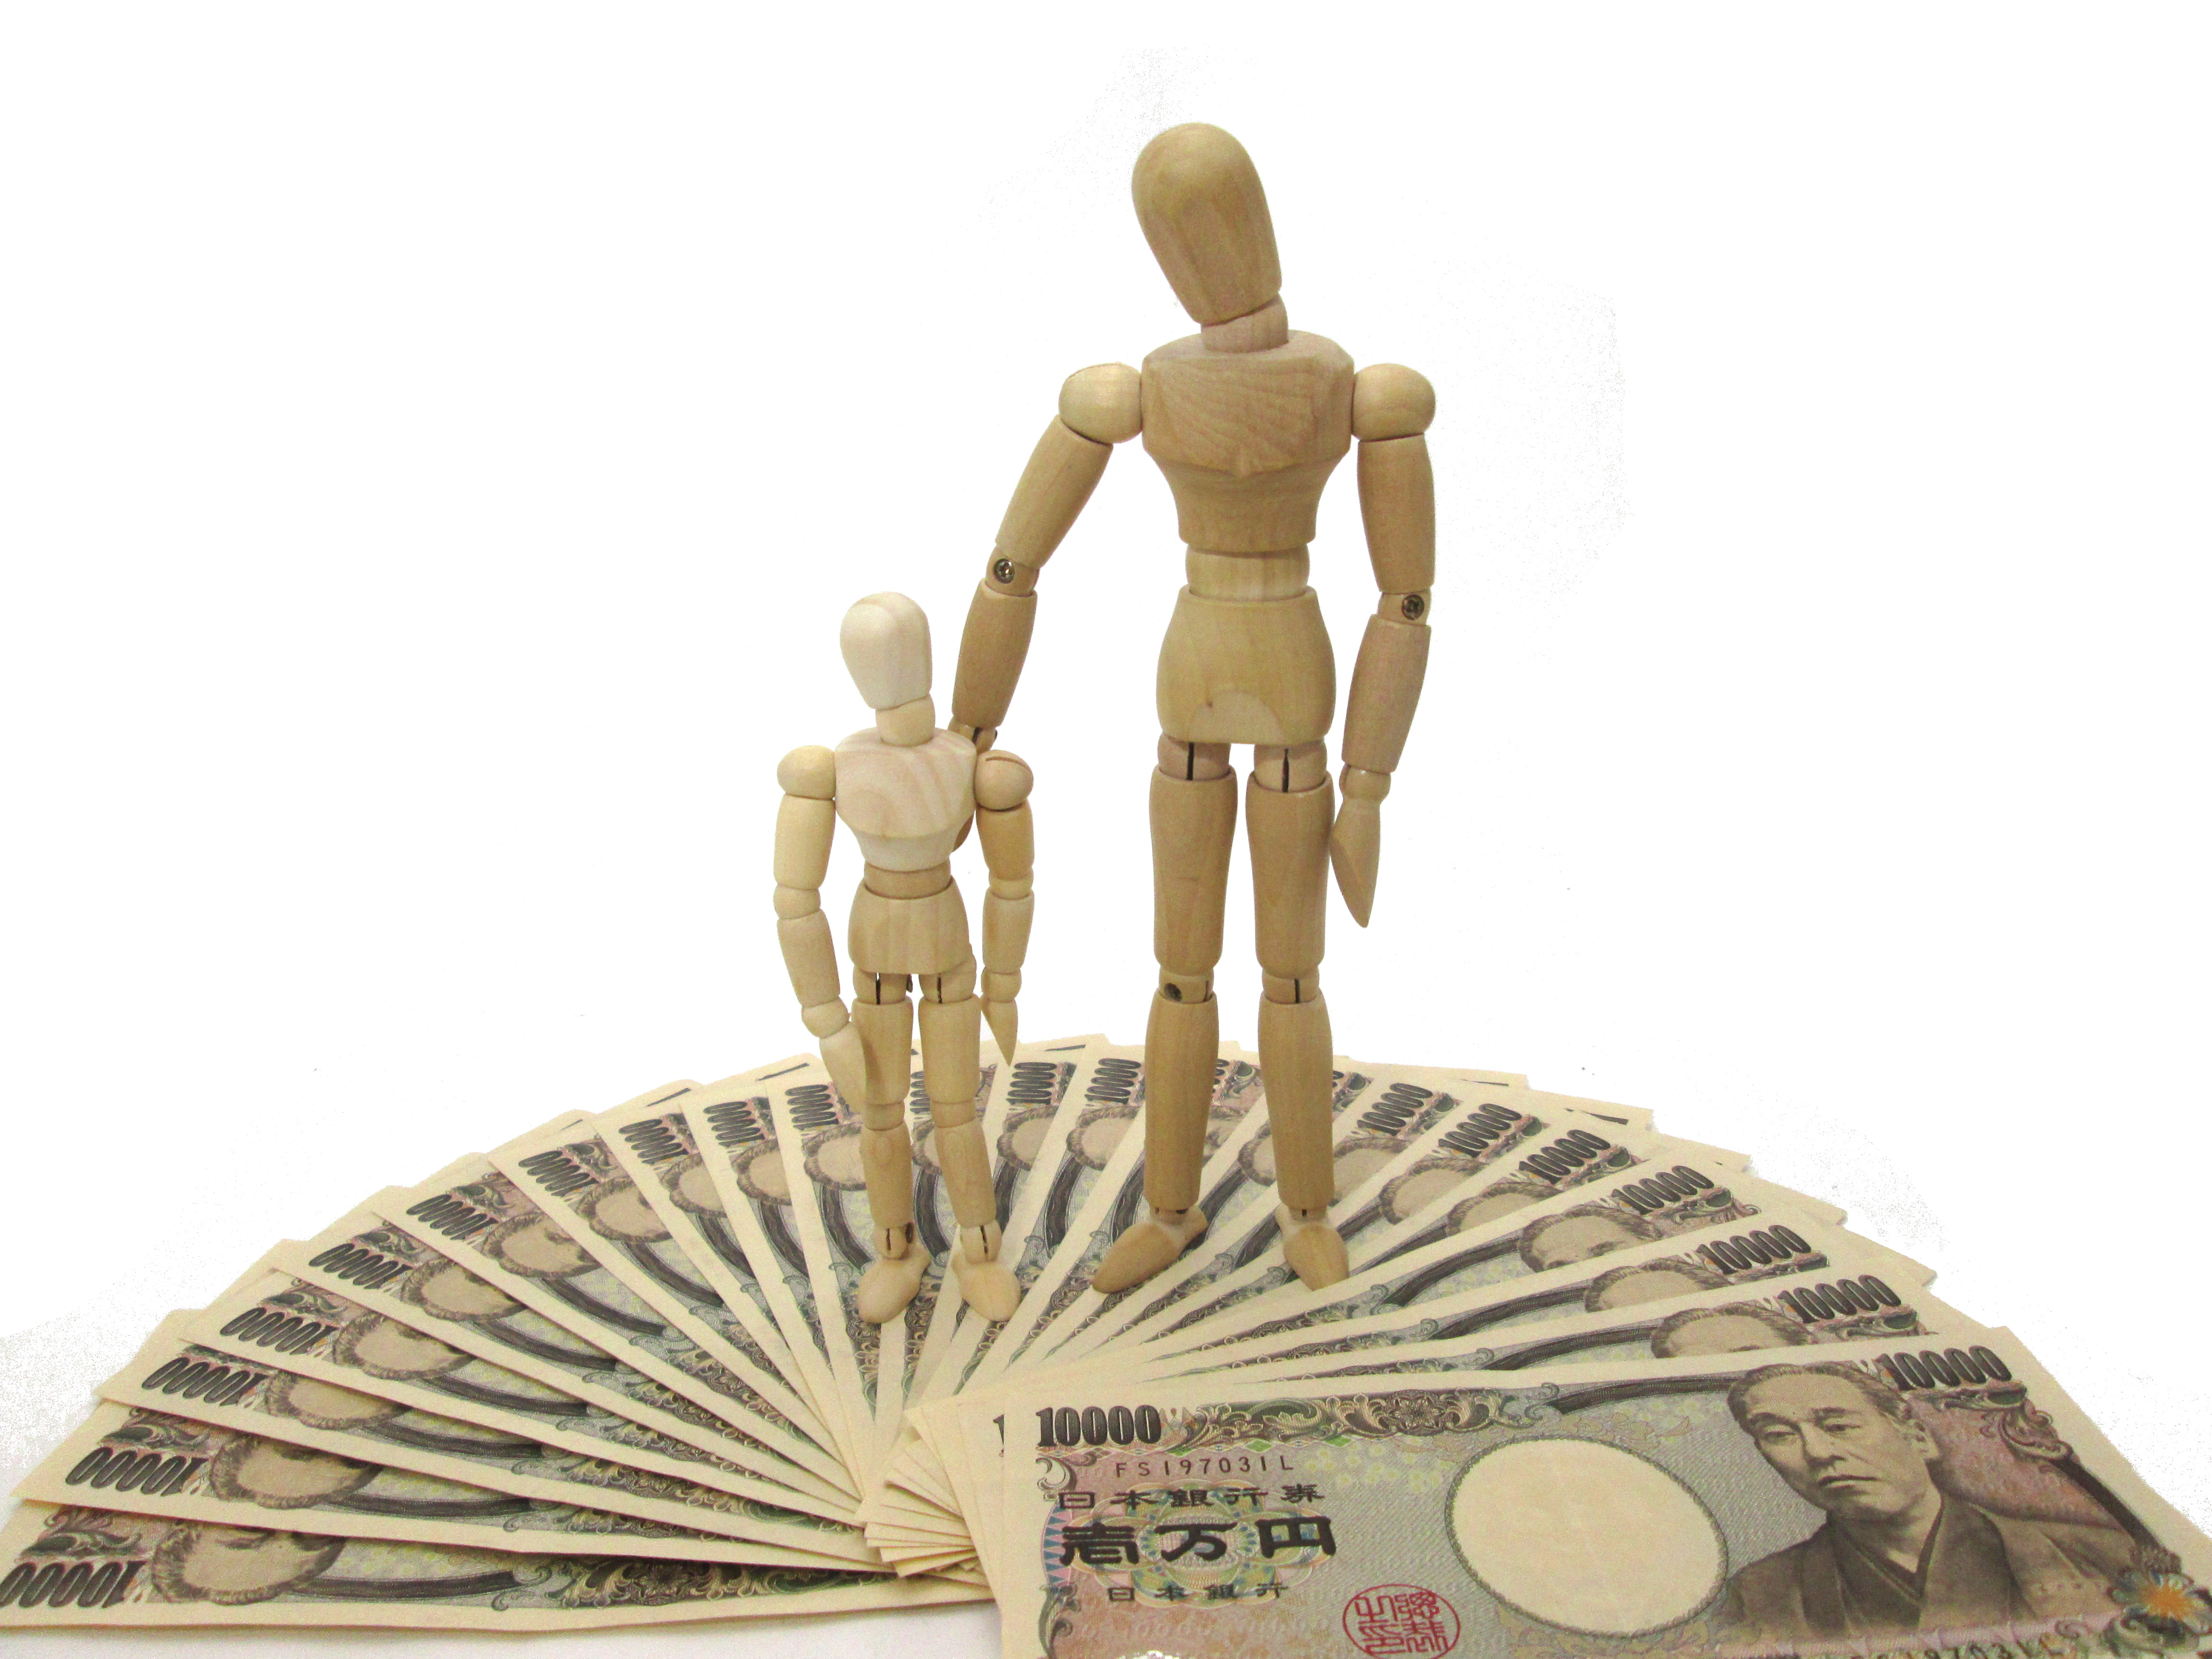 奨学金の種類を一覧で解説!貸与・給付型の制度の内容や条件などは?